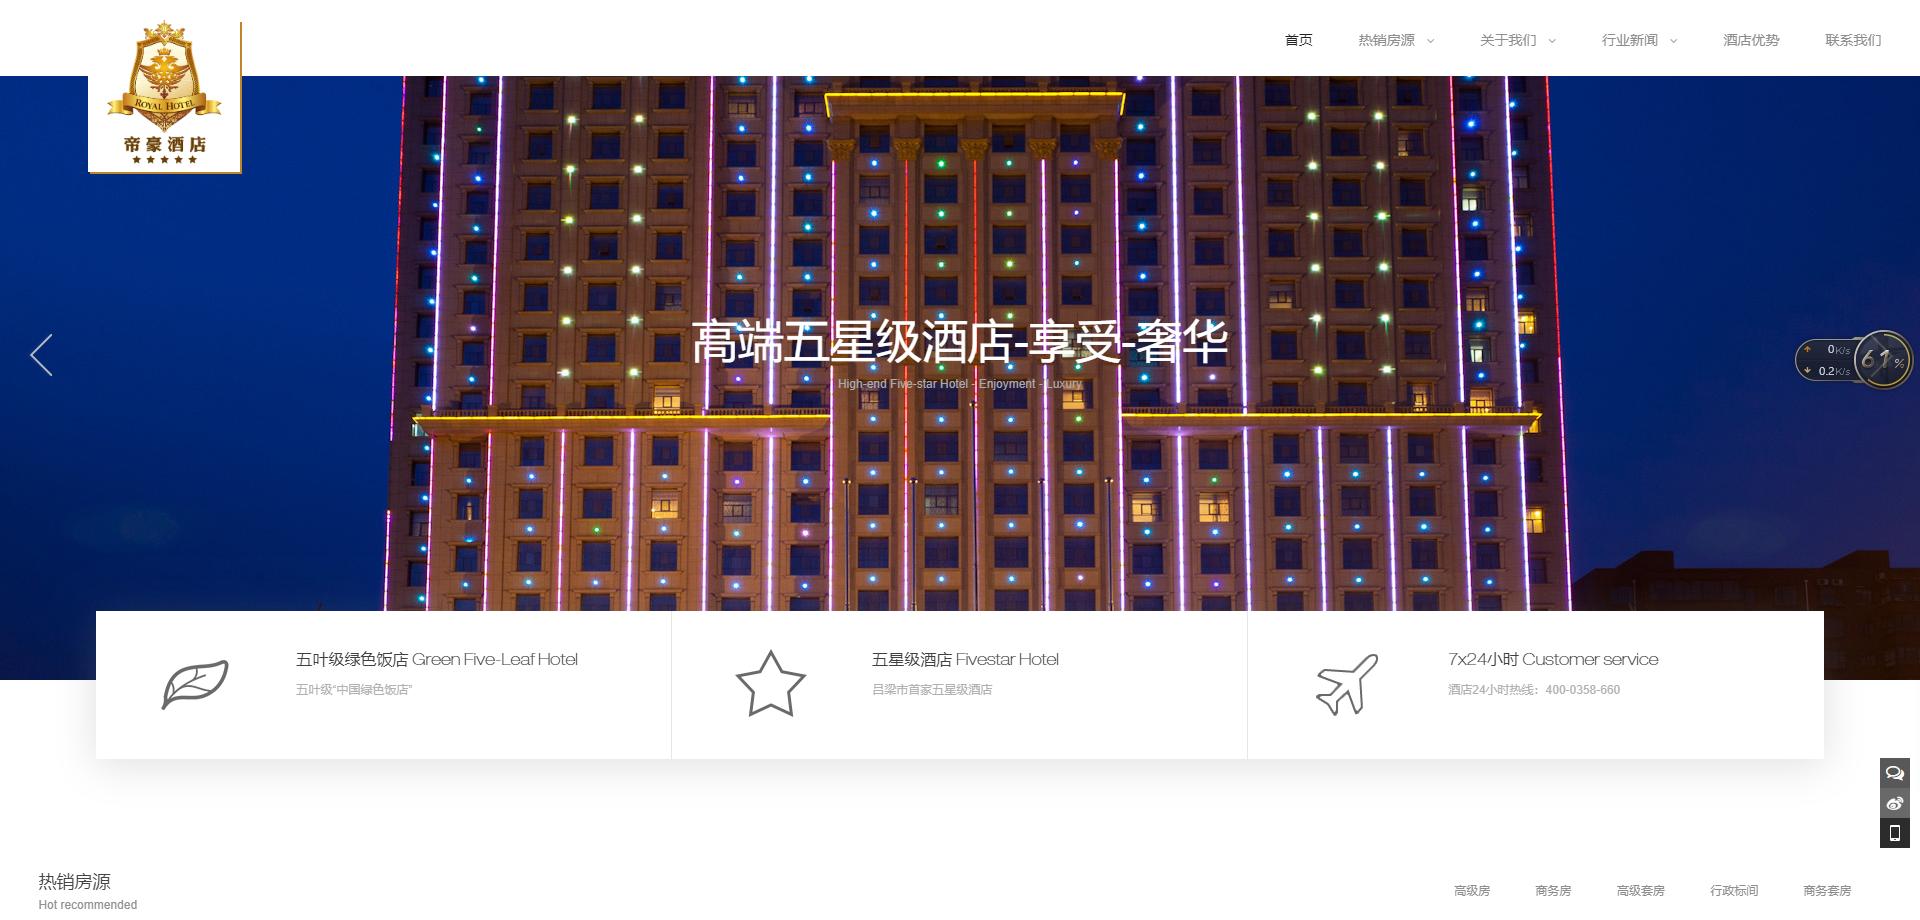 dede织梦集团企业模板可用于酒店 旅游